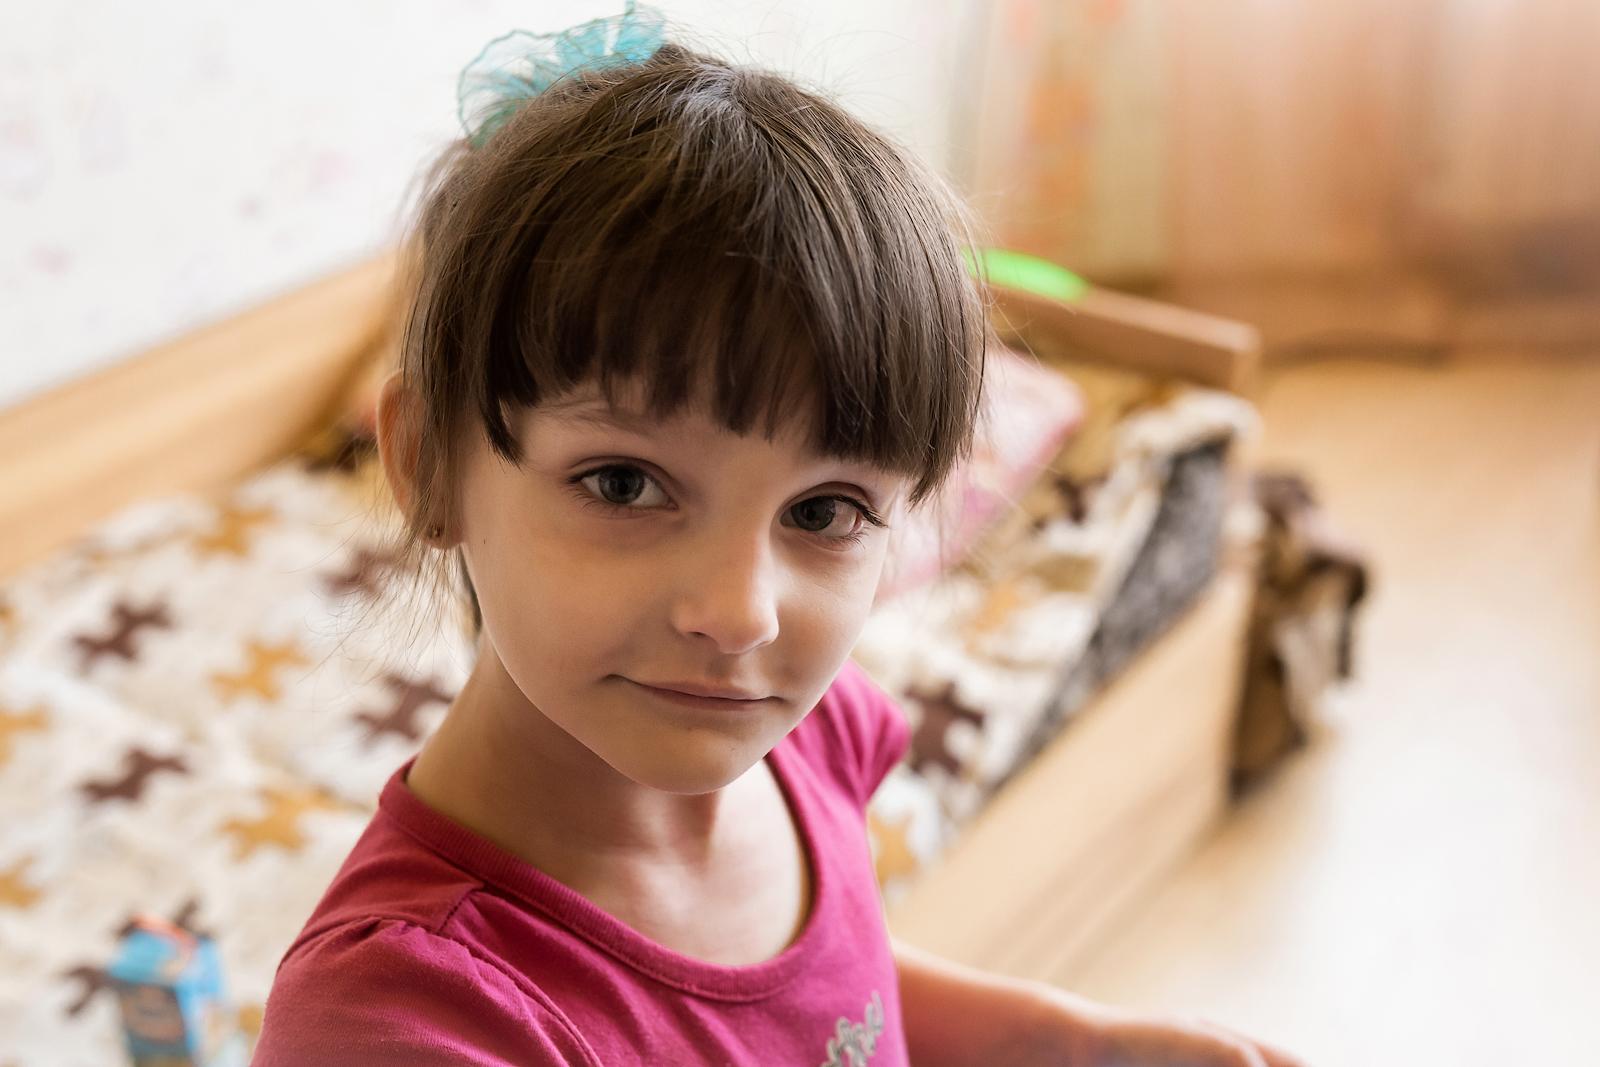 Как проявляется аутизм у девочек и мальчиков